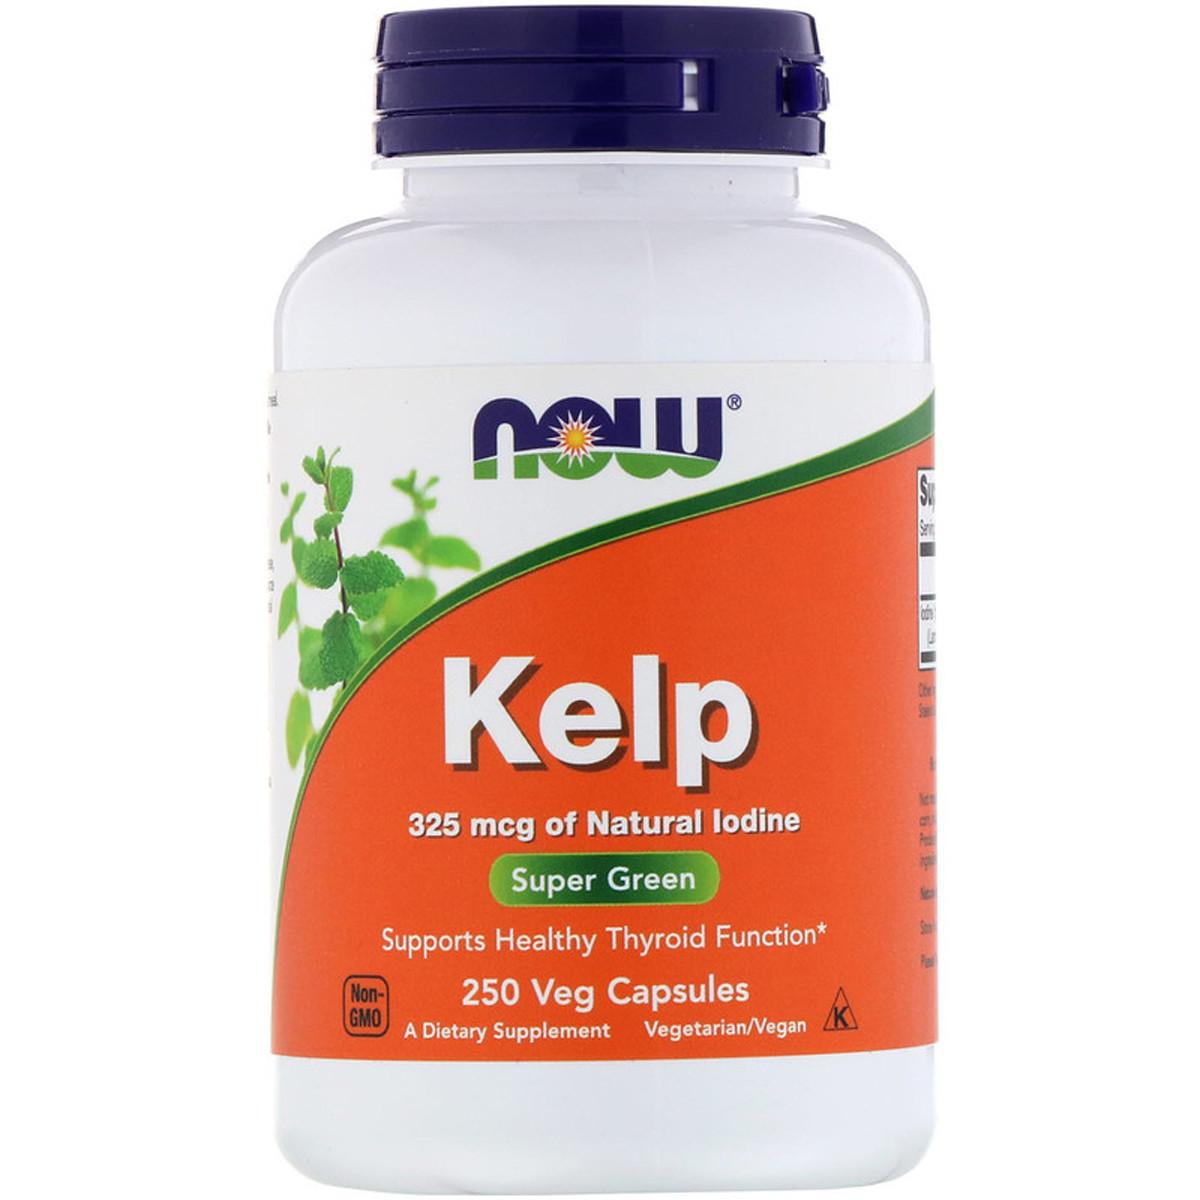 Натуральный Йод, (Ламинария), Kelp, Now Foods, 250 капсул